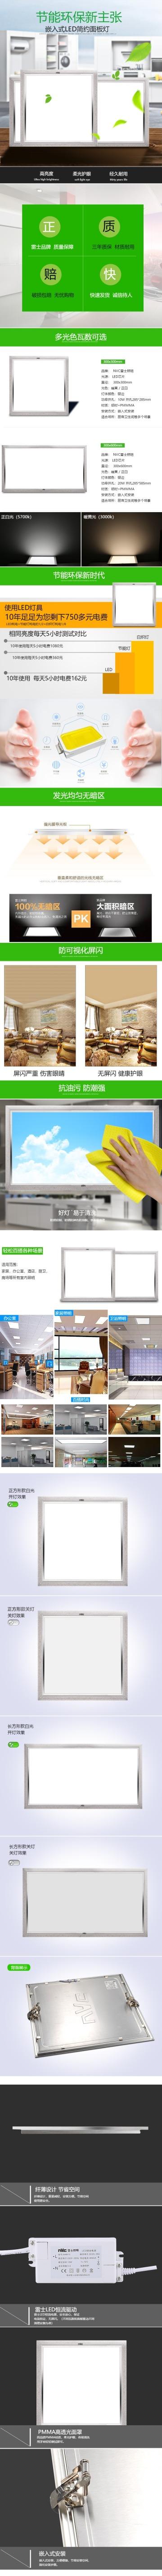 简约环保LED面板灯电商详情页